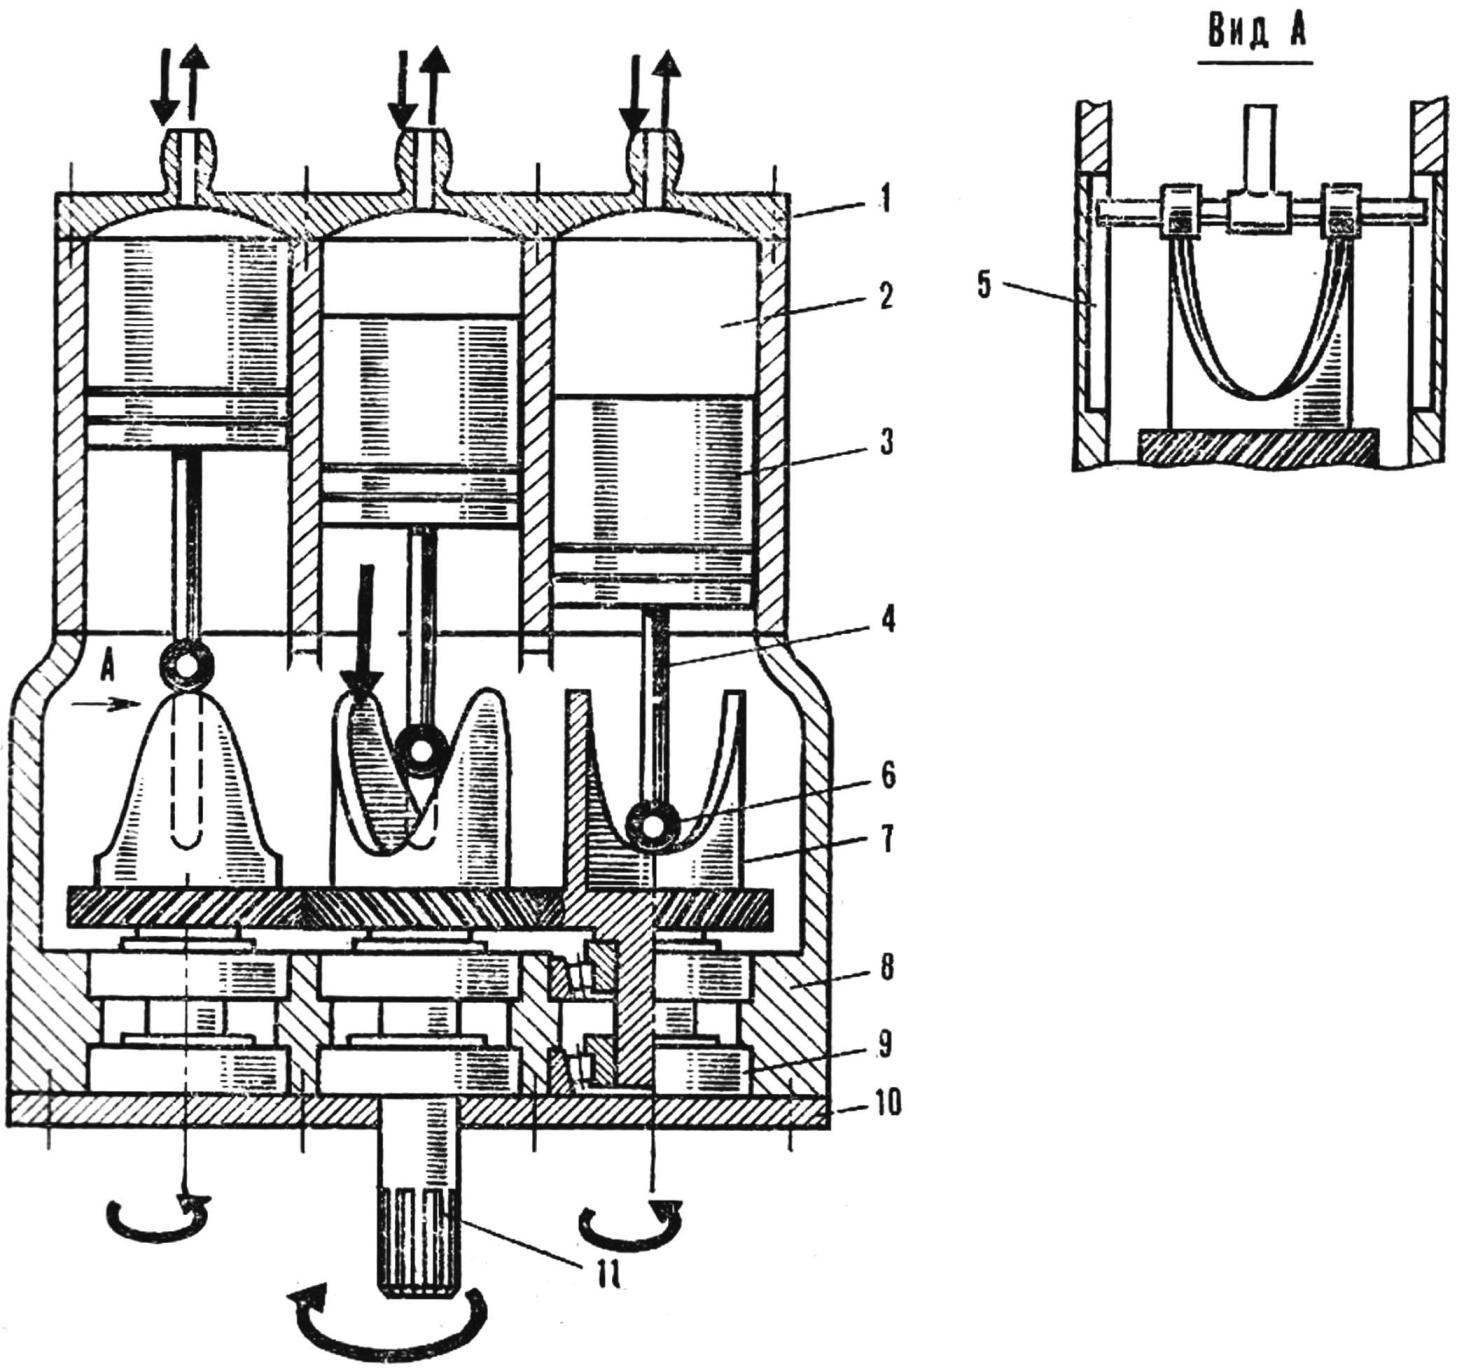 Fig. 4. Scheme of the Cam-piston engine